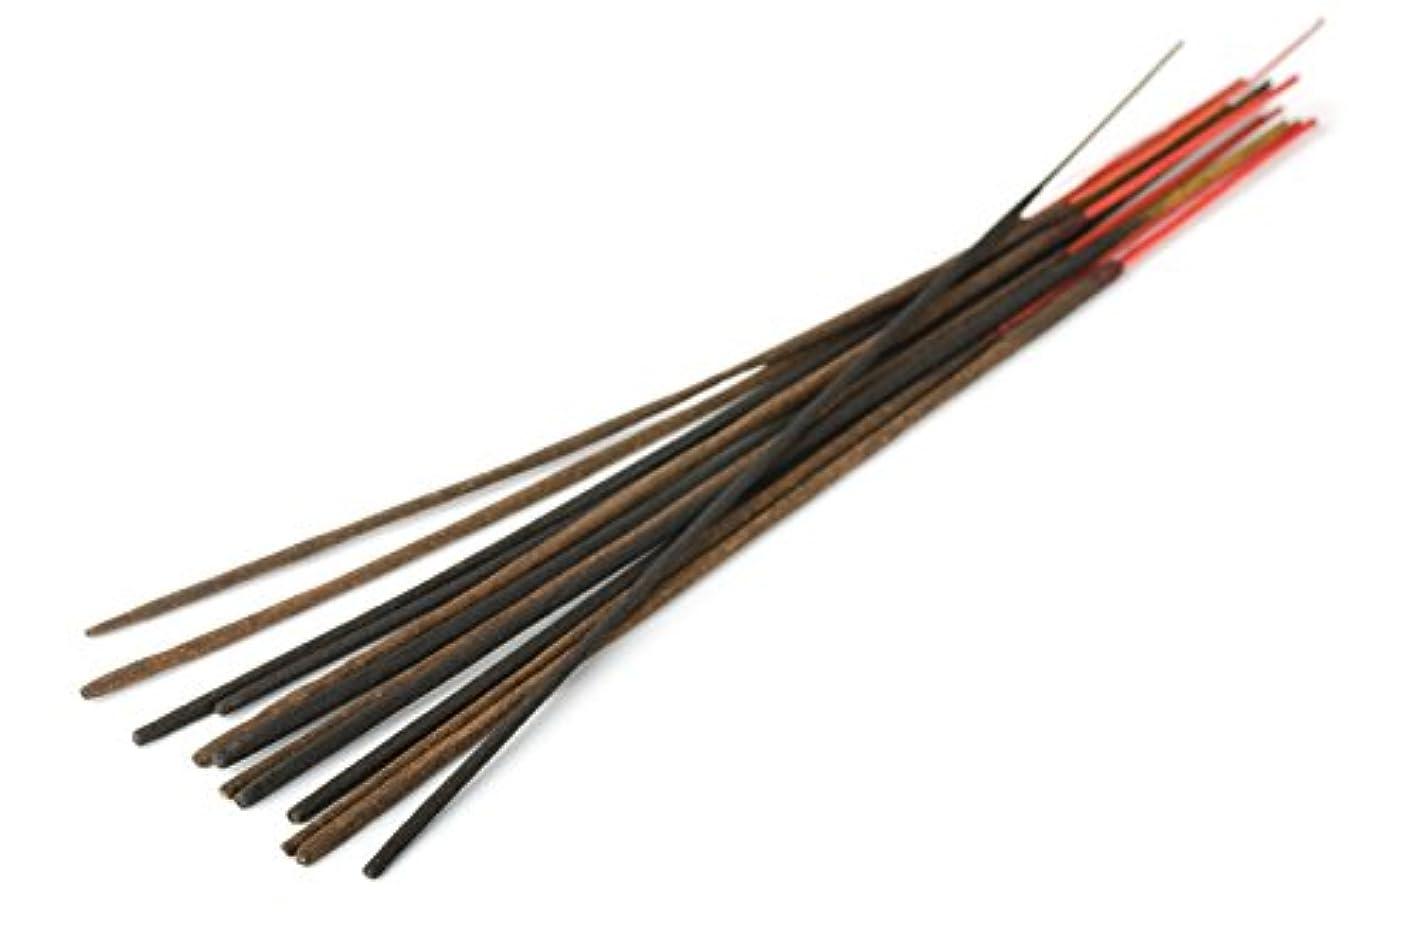 追い払うスプーン異邦人プレミアムハンドメイドすべてSpice Incense Stickバンドル – 90 to 100 Sticks Perバンドル – 各スティックは11.5インチ、には滑らかなクリーンBurn